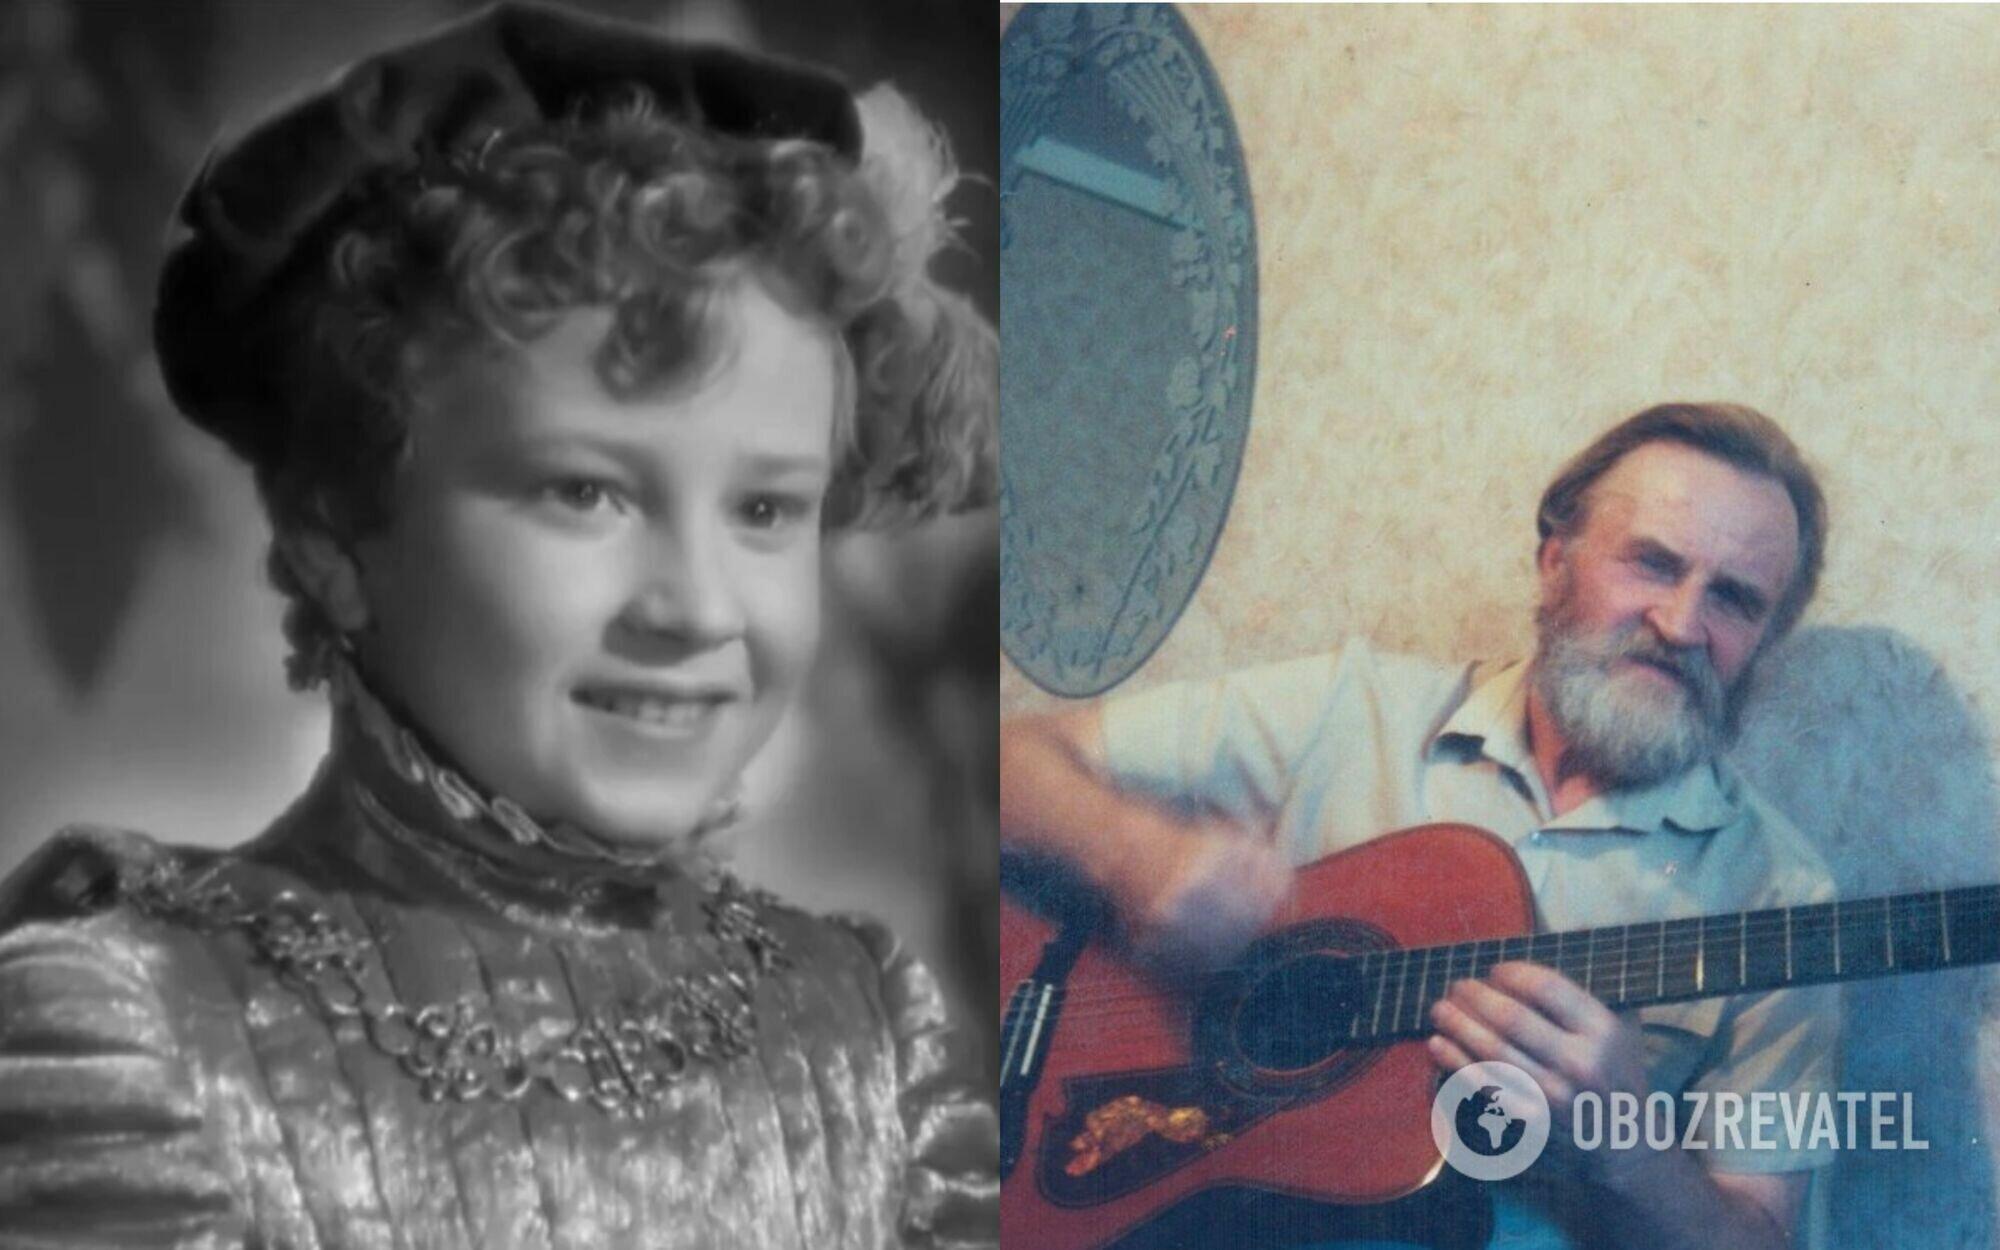 Игорь Клименков увлекся гитарами. За многие годы он создал 30 уникальных инструментов